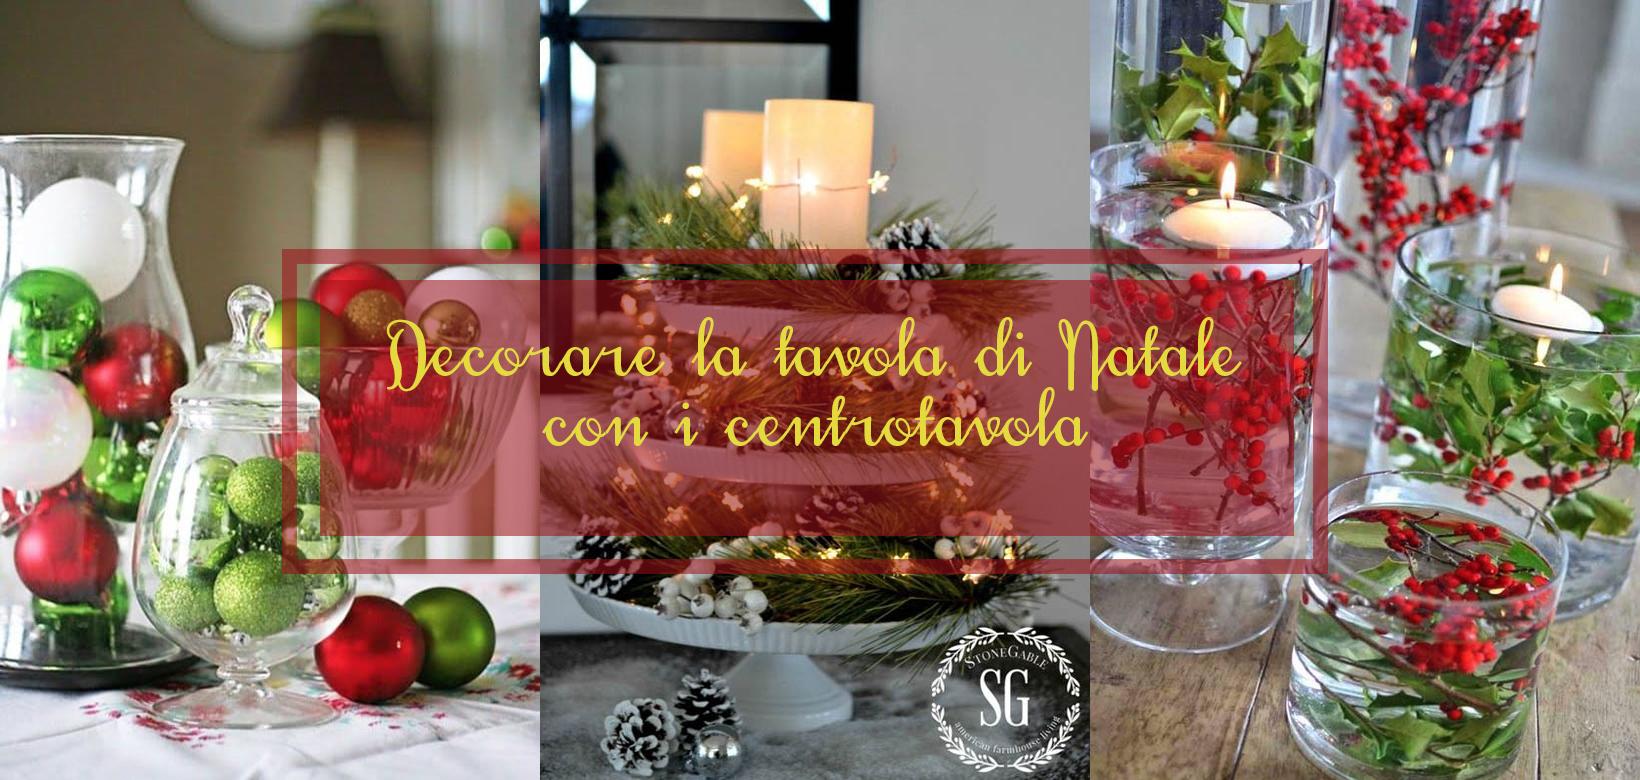 Arredare Tavola Natale idee per decorare la tavola di natale con il centrotavola